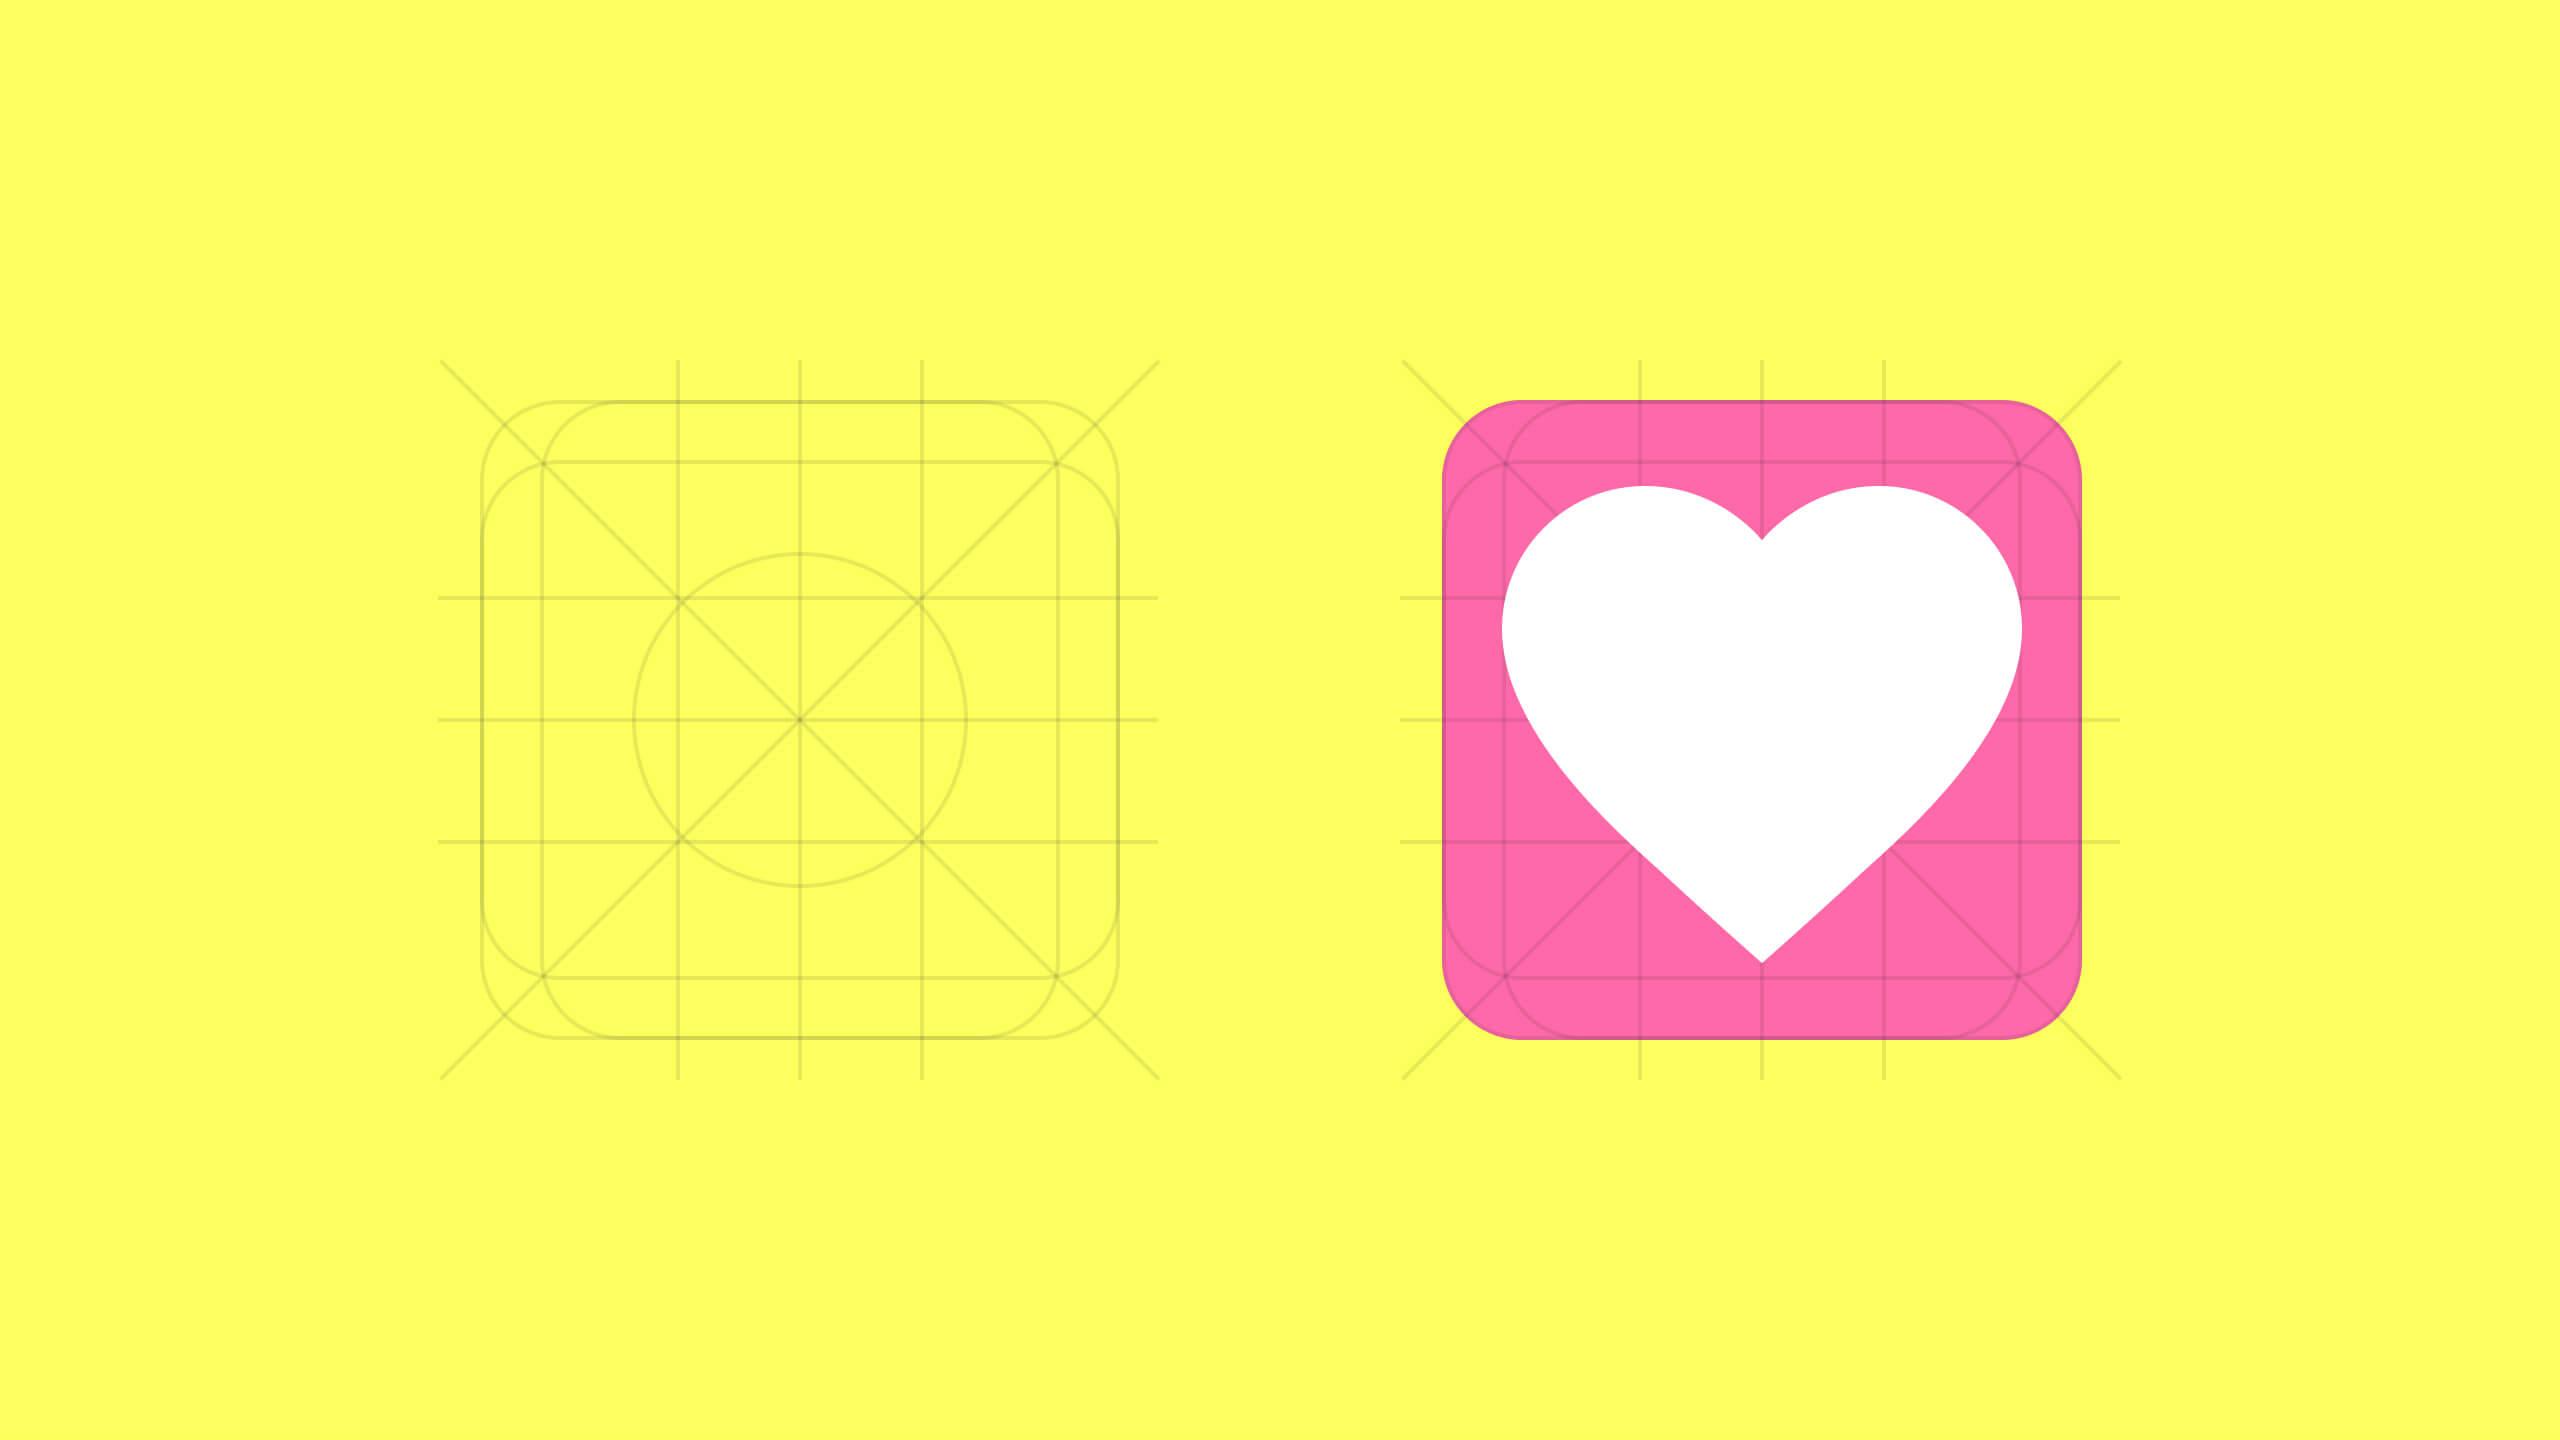 favicon design article icons8